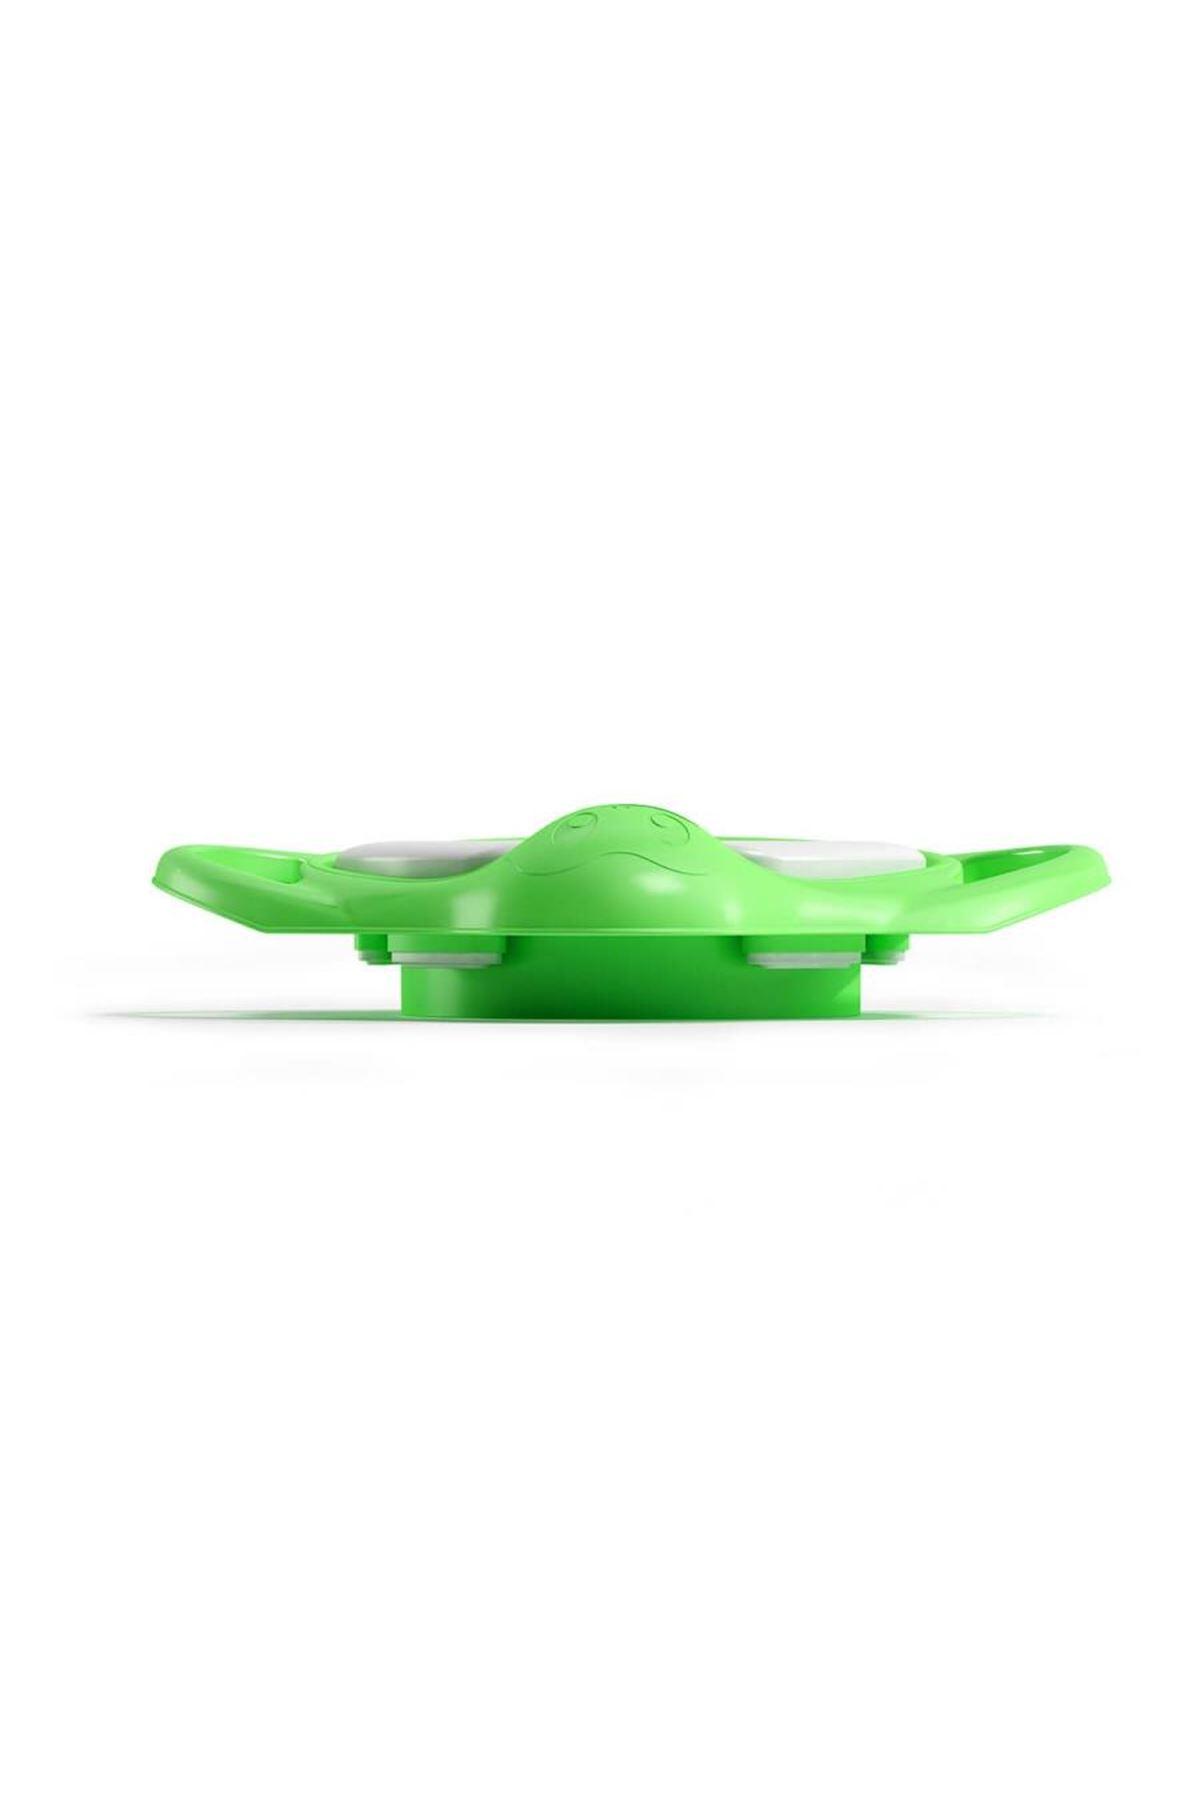 Okbaby Pinguo Klozet Adaptörü / Yeşil